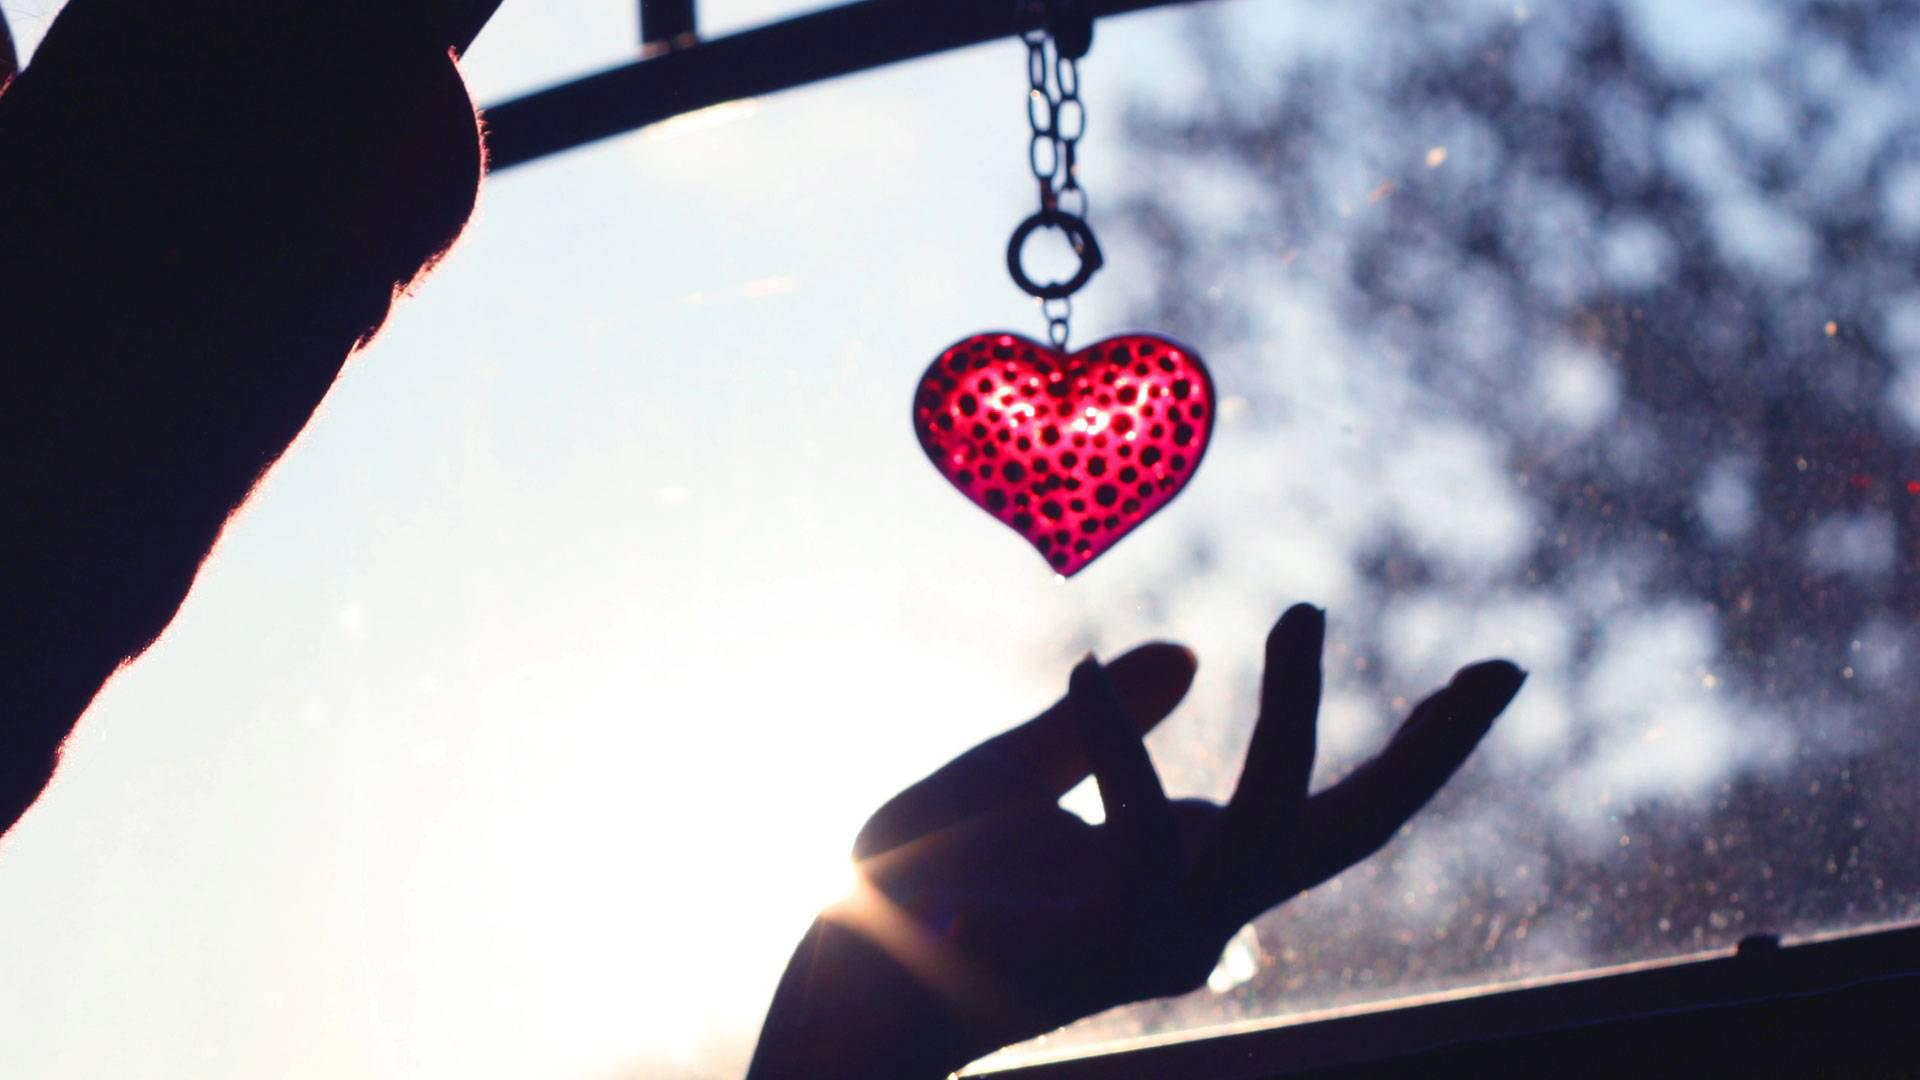 сердце брелок ткань подборки